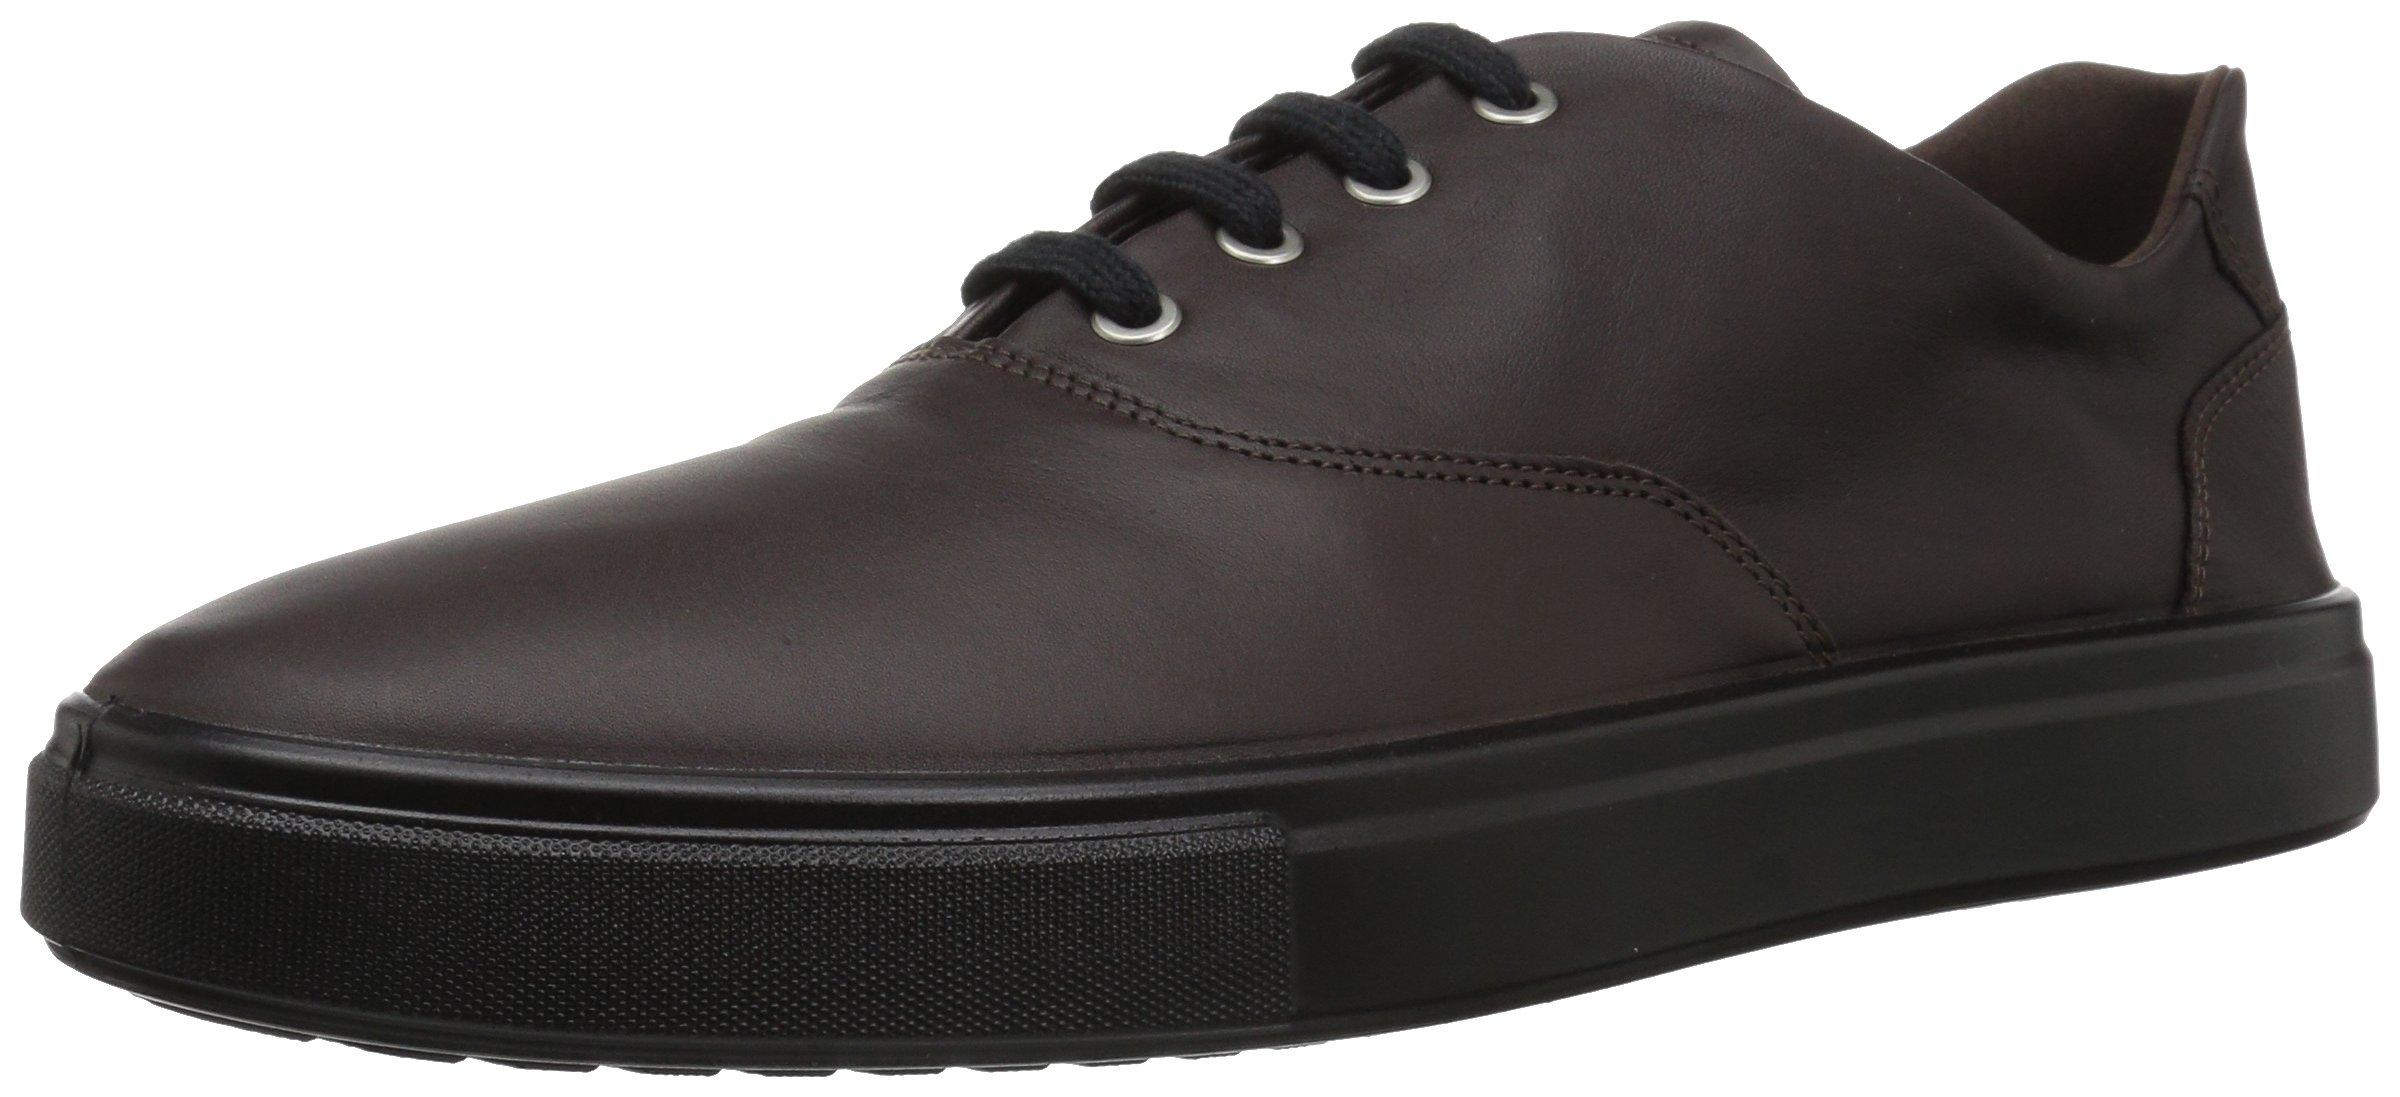 ECCO Men's Kyle Tie Sneaker, Coffee, 44 M EU (10-10.5 US)